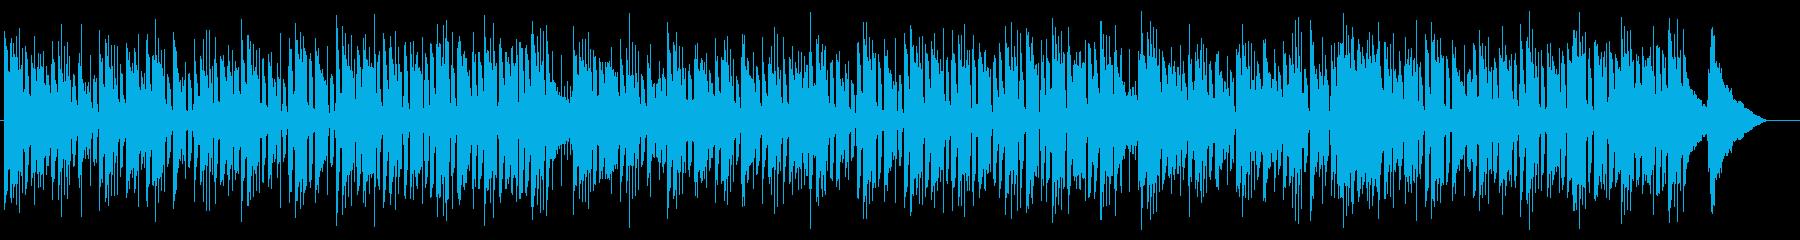 シンプルなエレキギターとピアノのボサノバの再生済みの波形